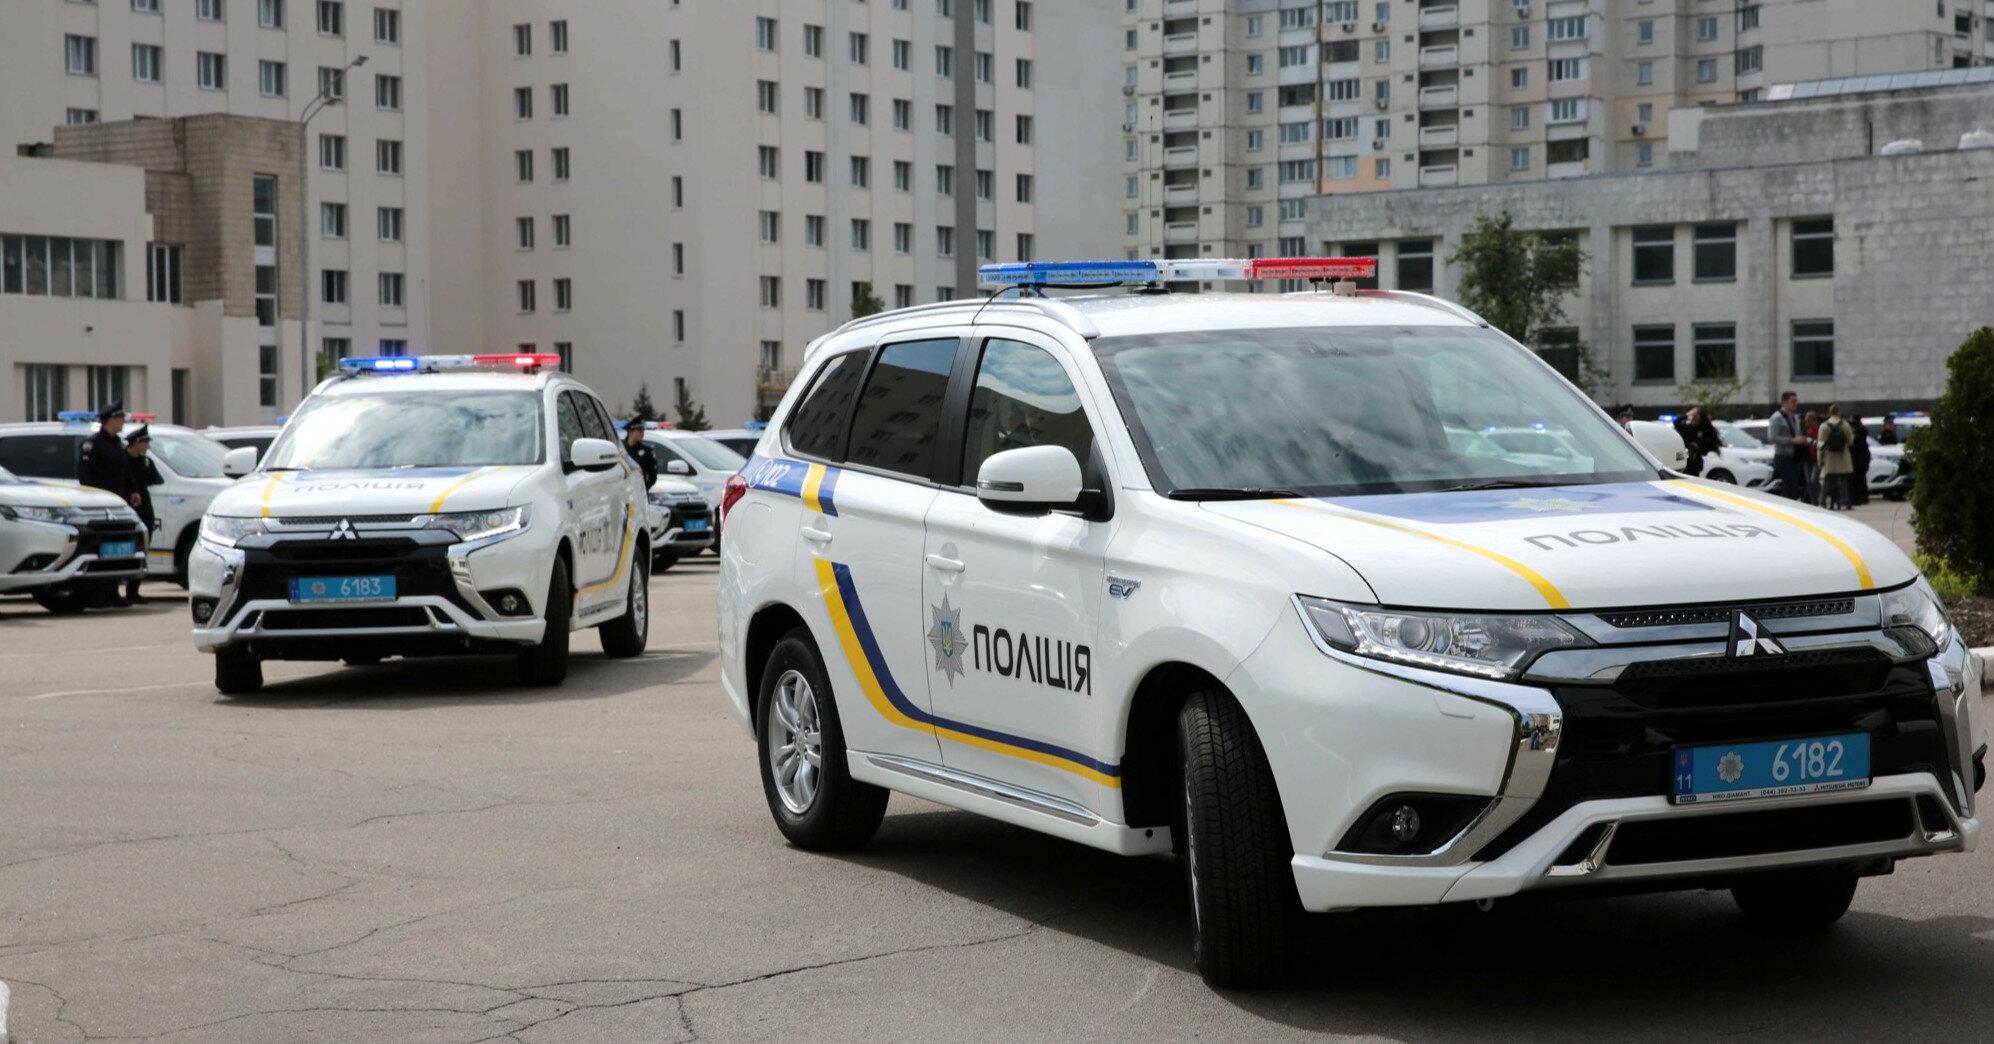 В Киеве задержали женщину за продажу кокаина